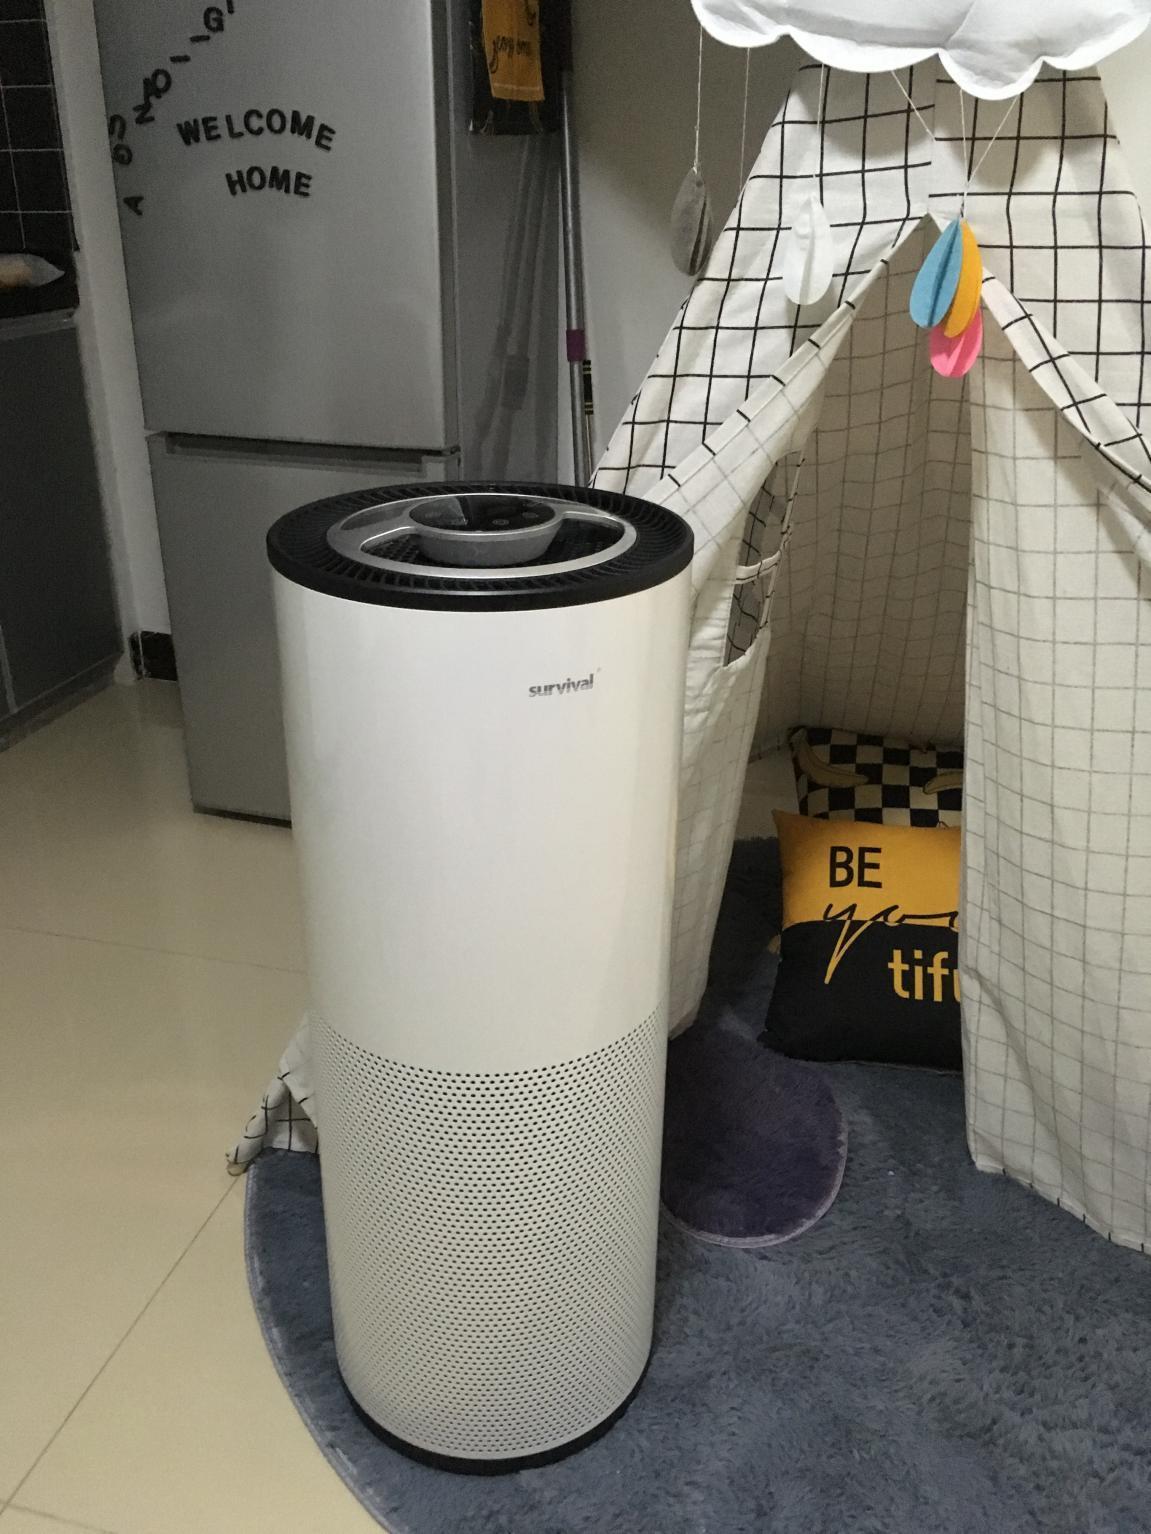 森晨S60空气净化器体验:时尚漂亮+高效净化+智能黑科技